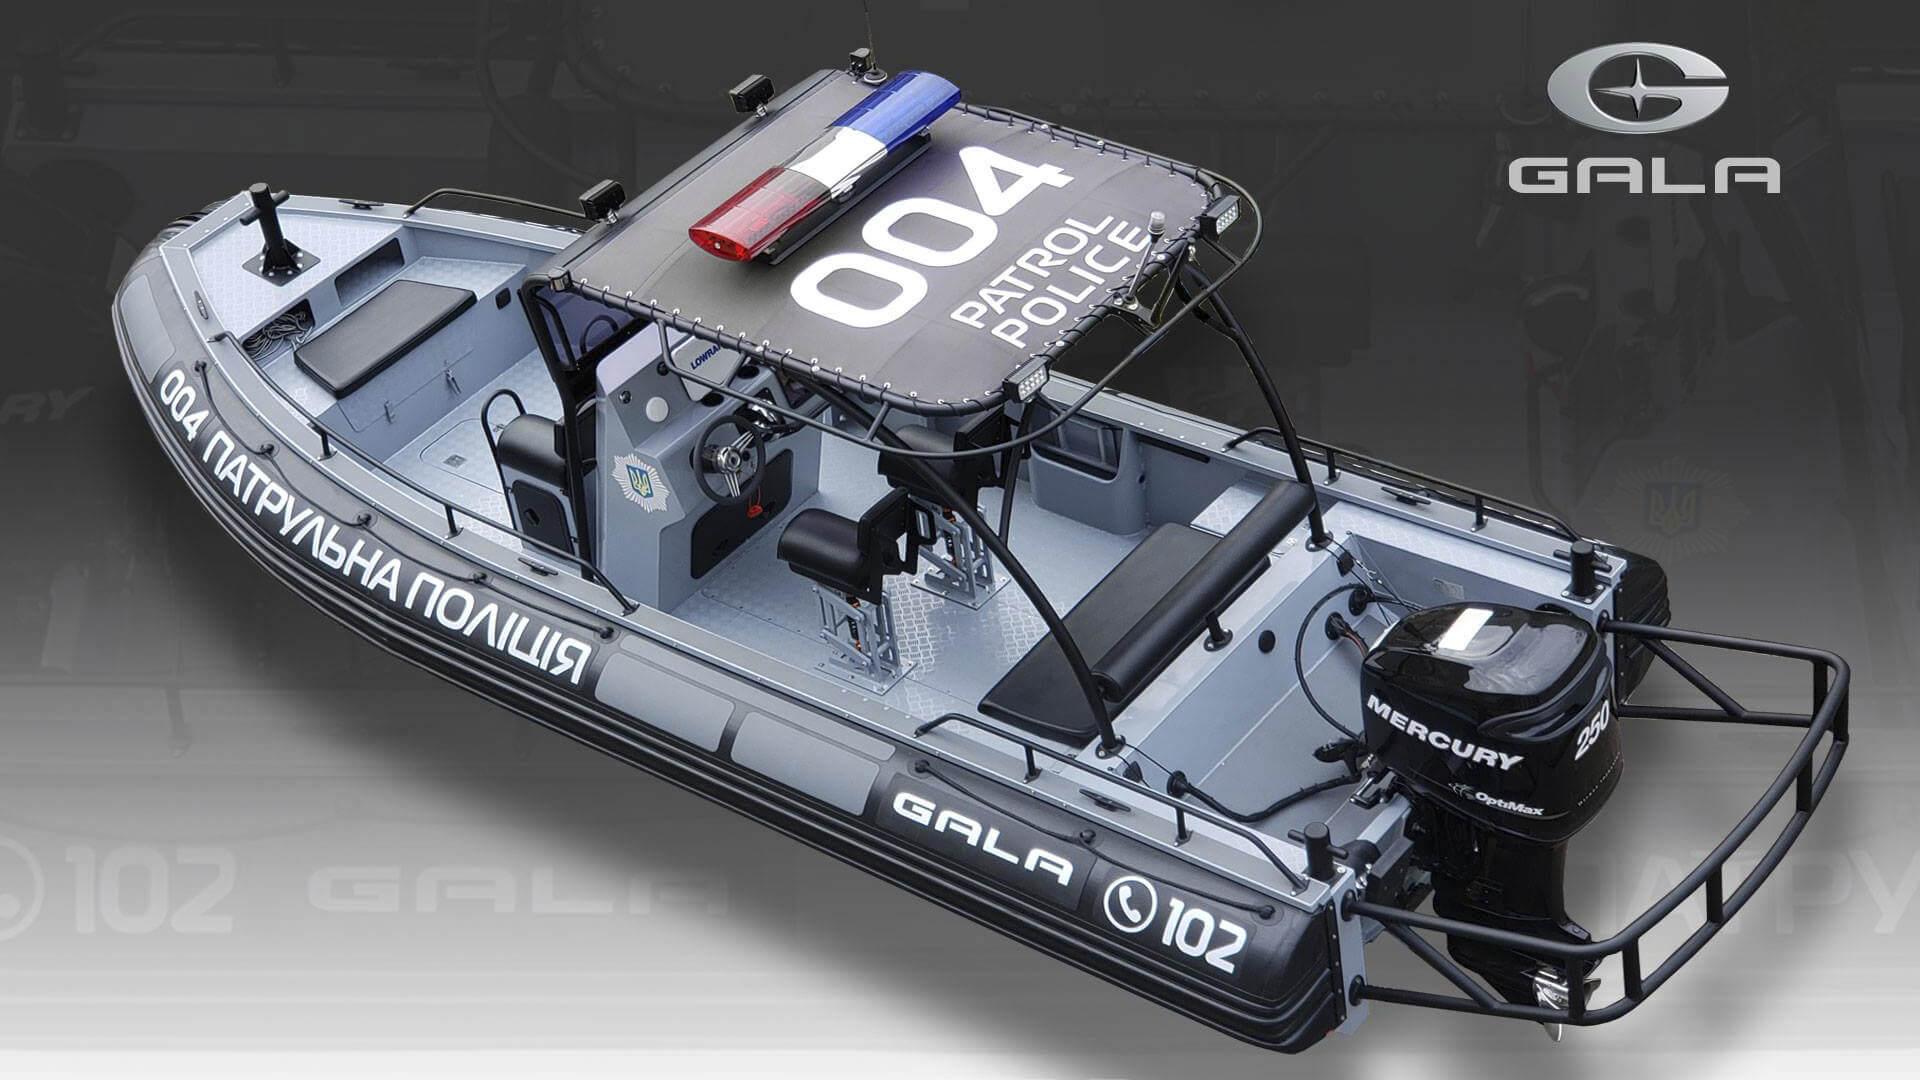 Профессиональная надувная лодка с жестким алюминиевым дном GALA Trident T650, Надувная лодка с жестким дном GALA Trident T650, Надувная лодка с жестким дном GALA T650, Надувная лодка GALA T650, Надувная лодка GALA T650, GALA T650, лодка с жестким дном, алюминиевый риб, алюминиевый RIB, RIB, лодка для полиции, лодка для спецслужб